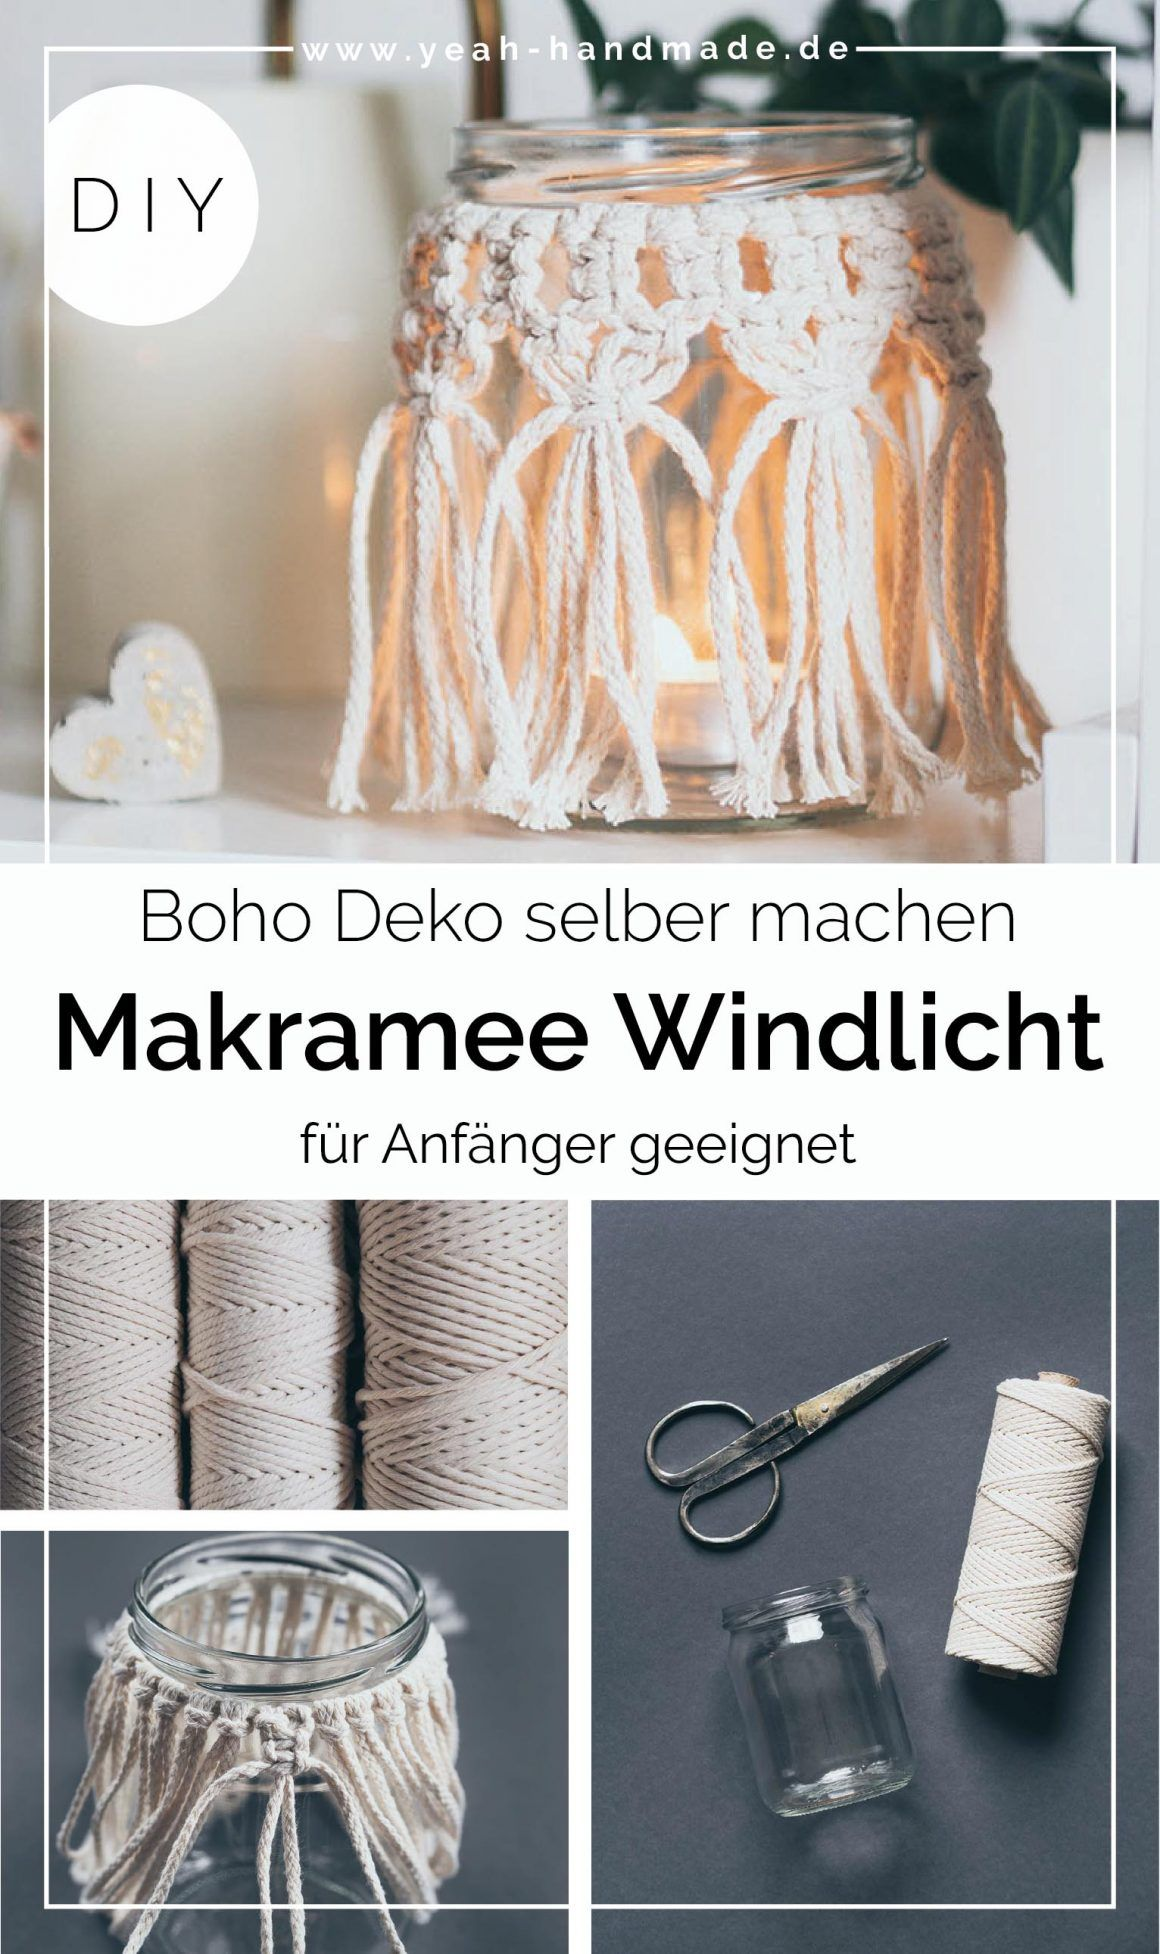 DIY Makramee Windlicht selber machen